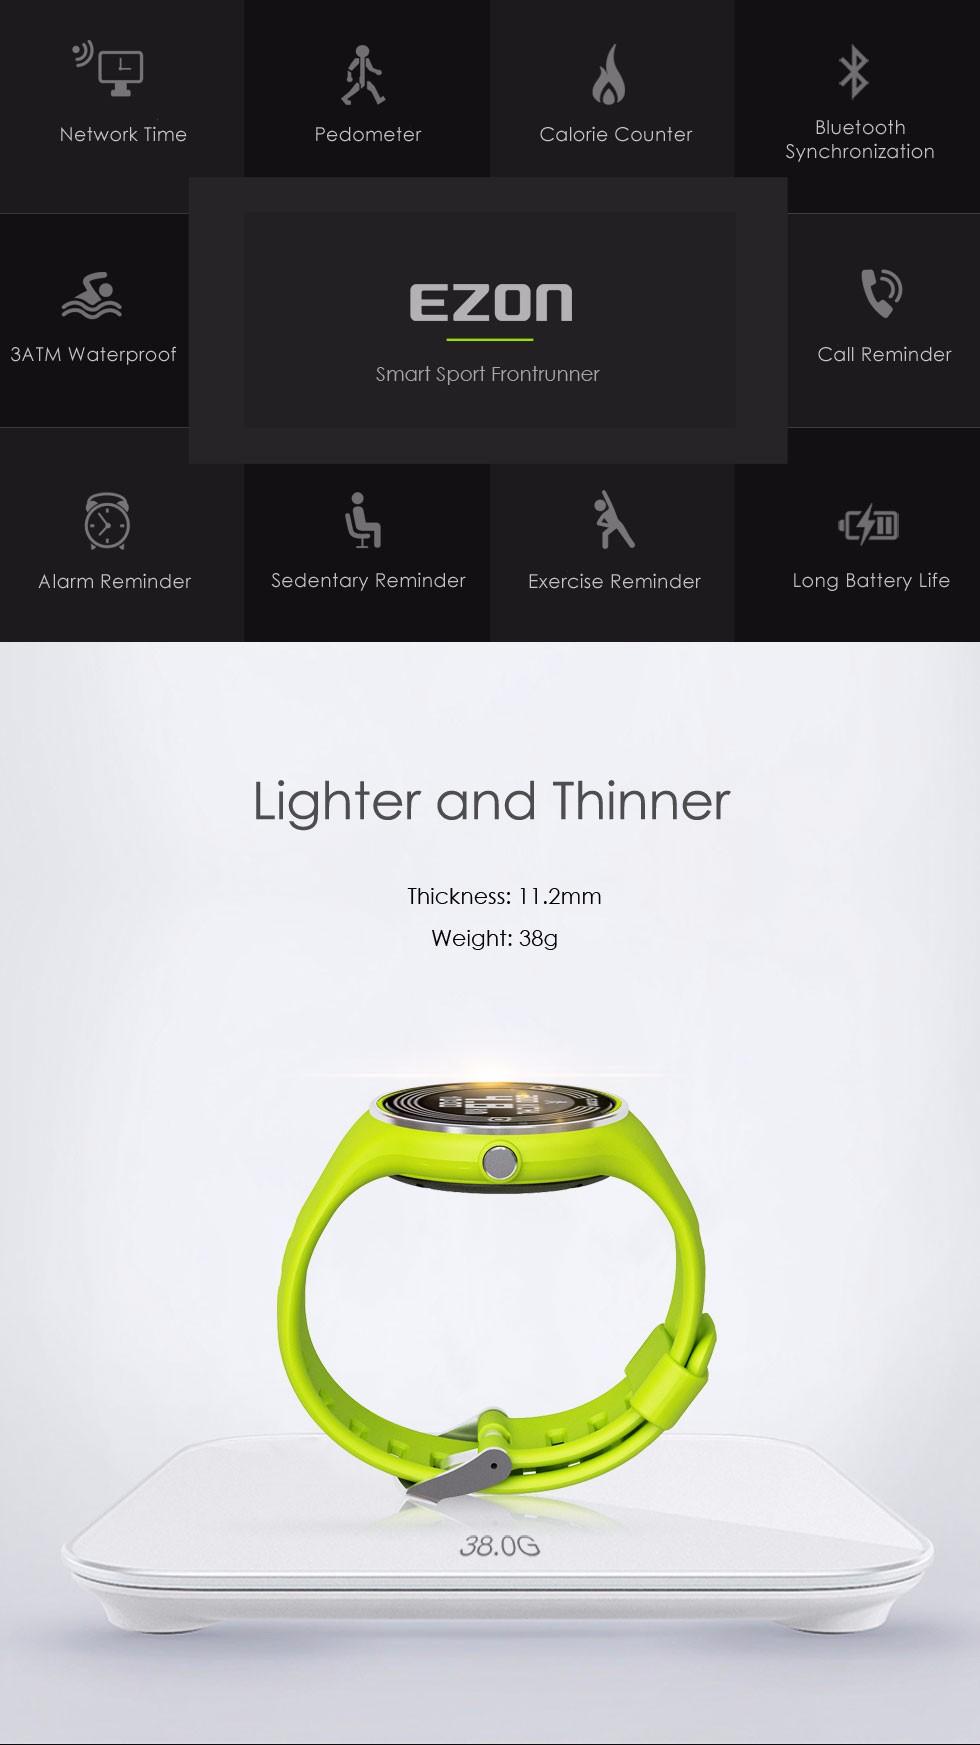 EZON sport utility носимых интеллектуальных мужчин и женщин смотреть водонепроницаемый электронный шагомер работает 24 часа инструкции Смотреть